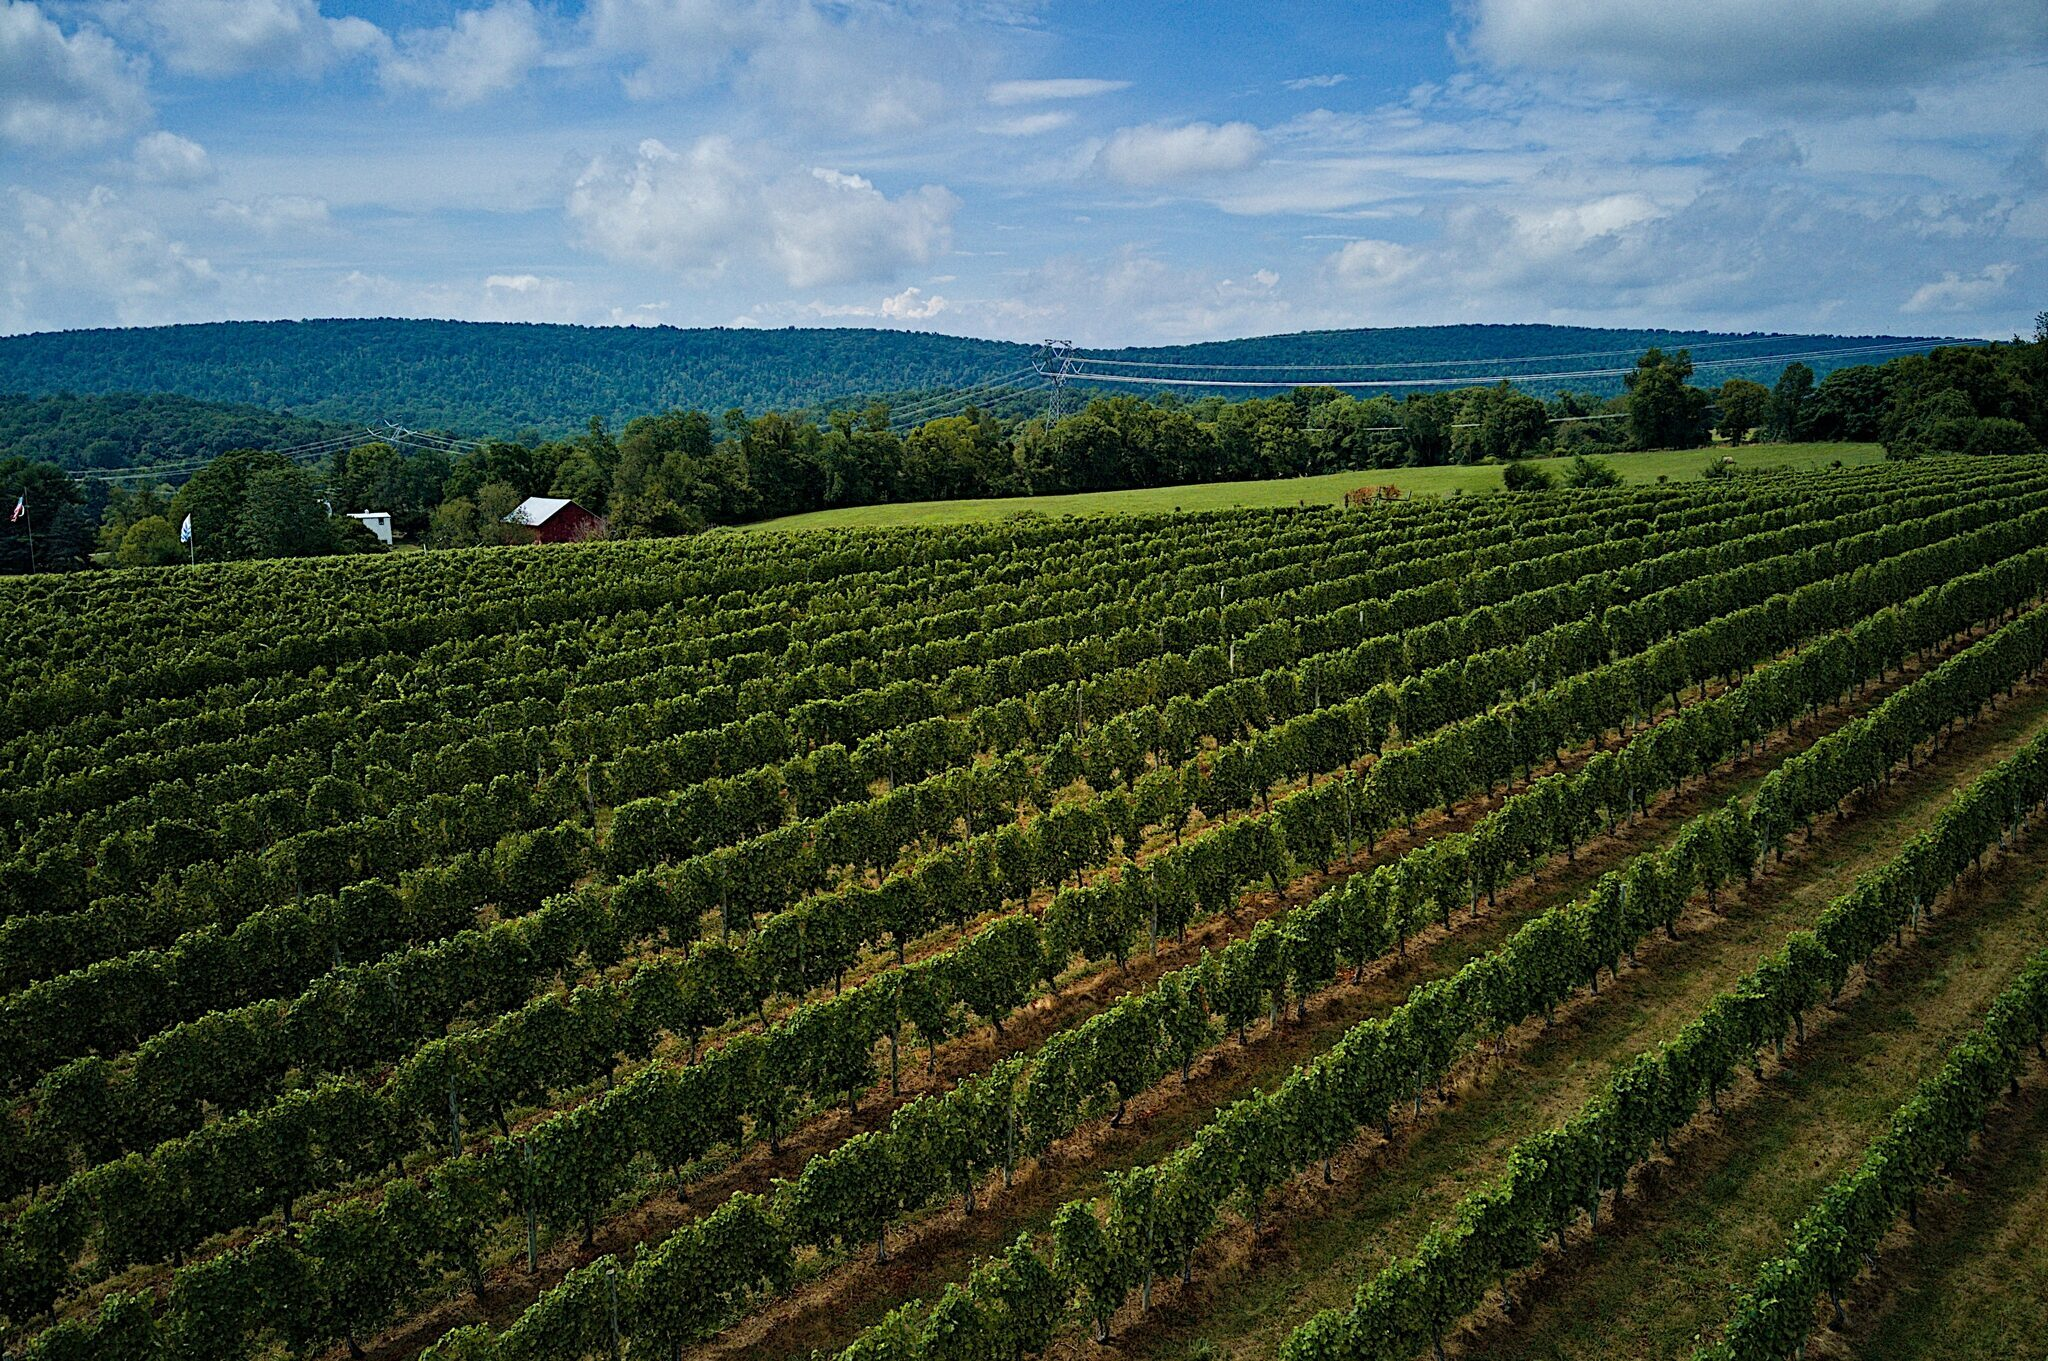 Aerial view of grape vineyard